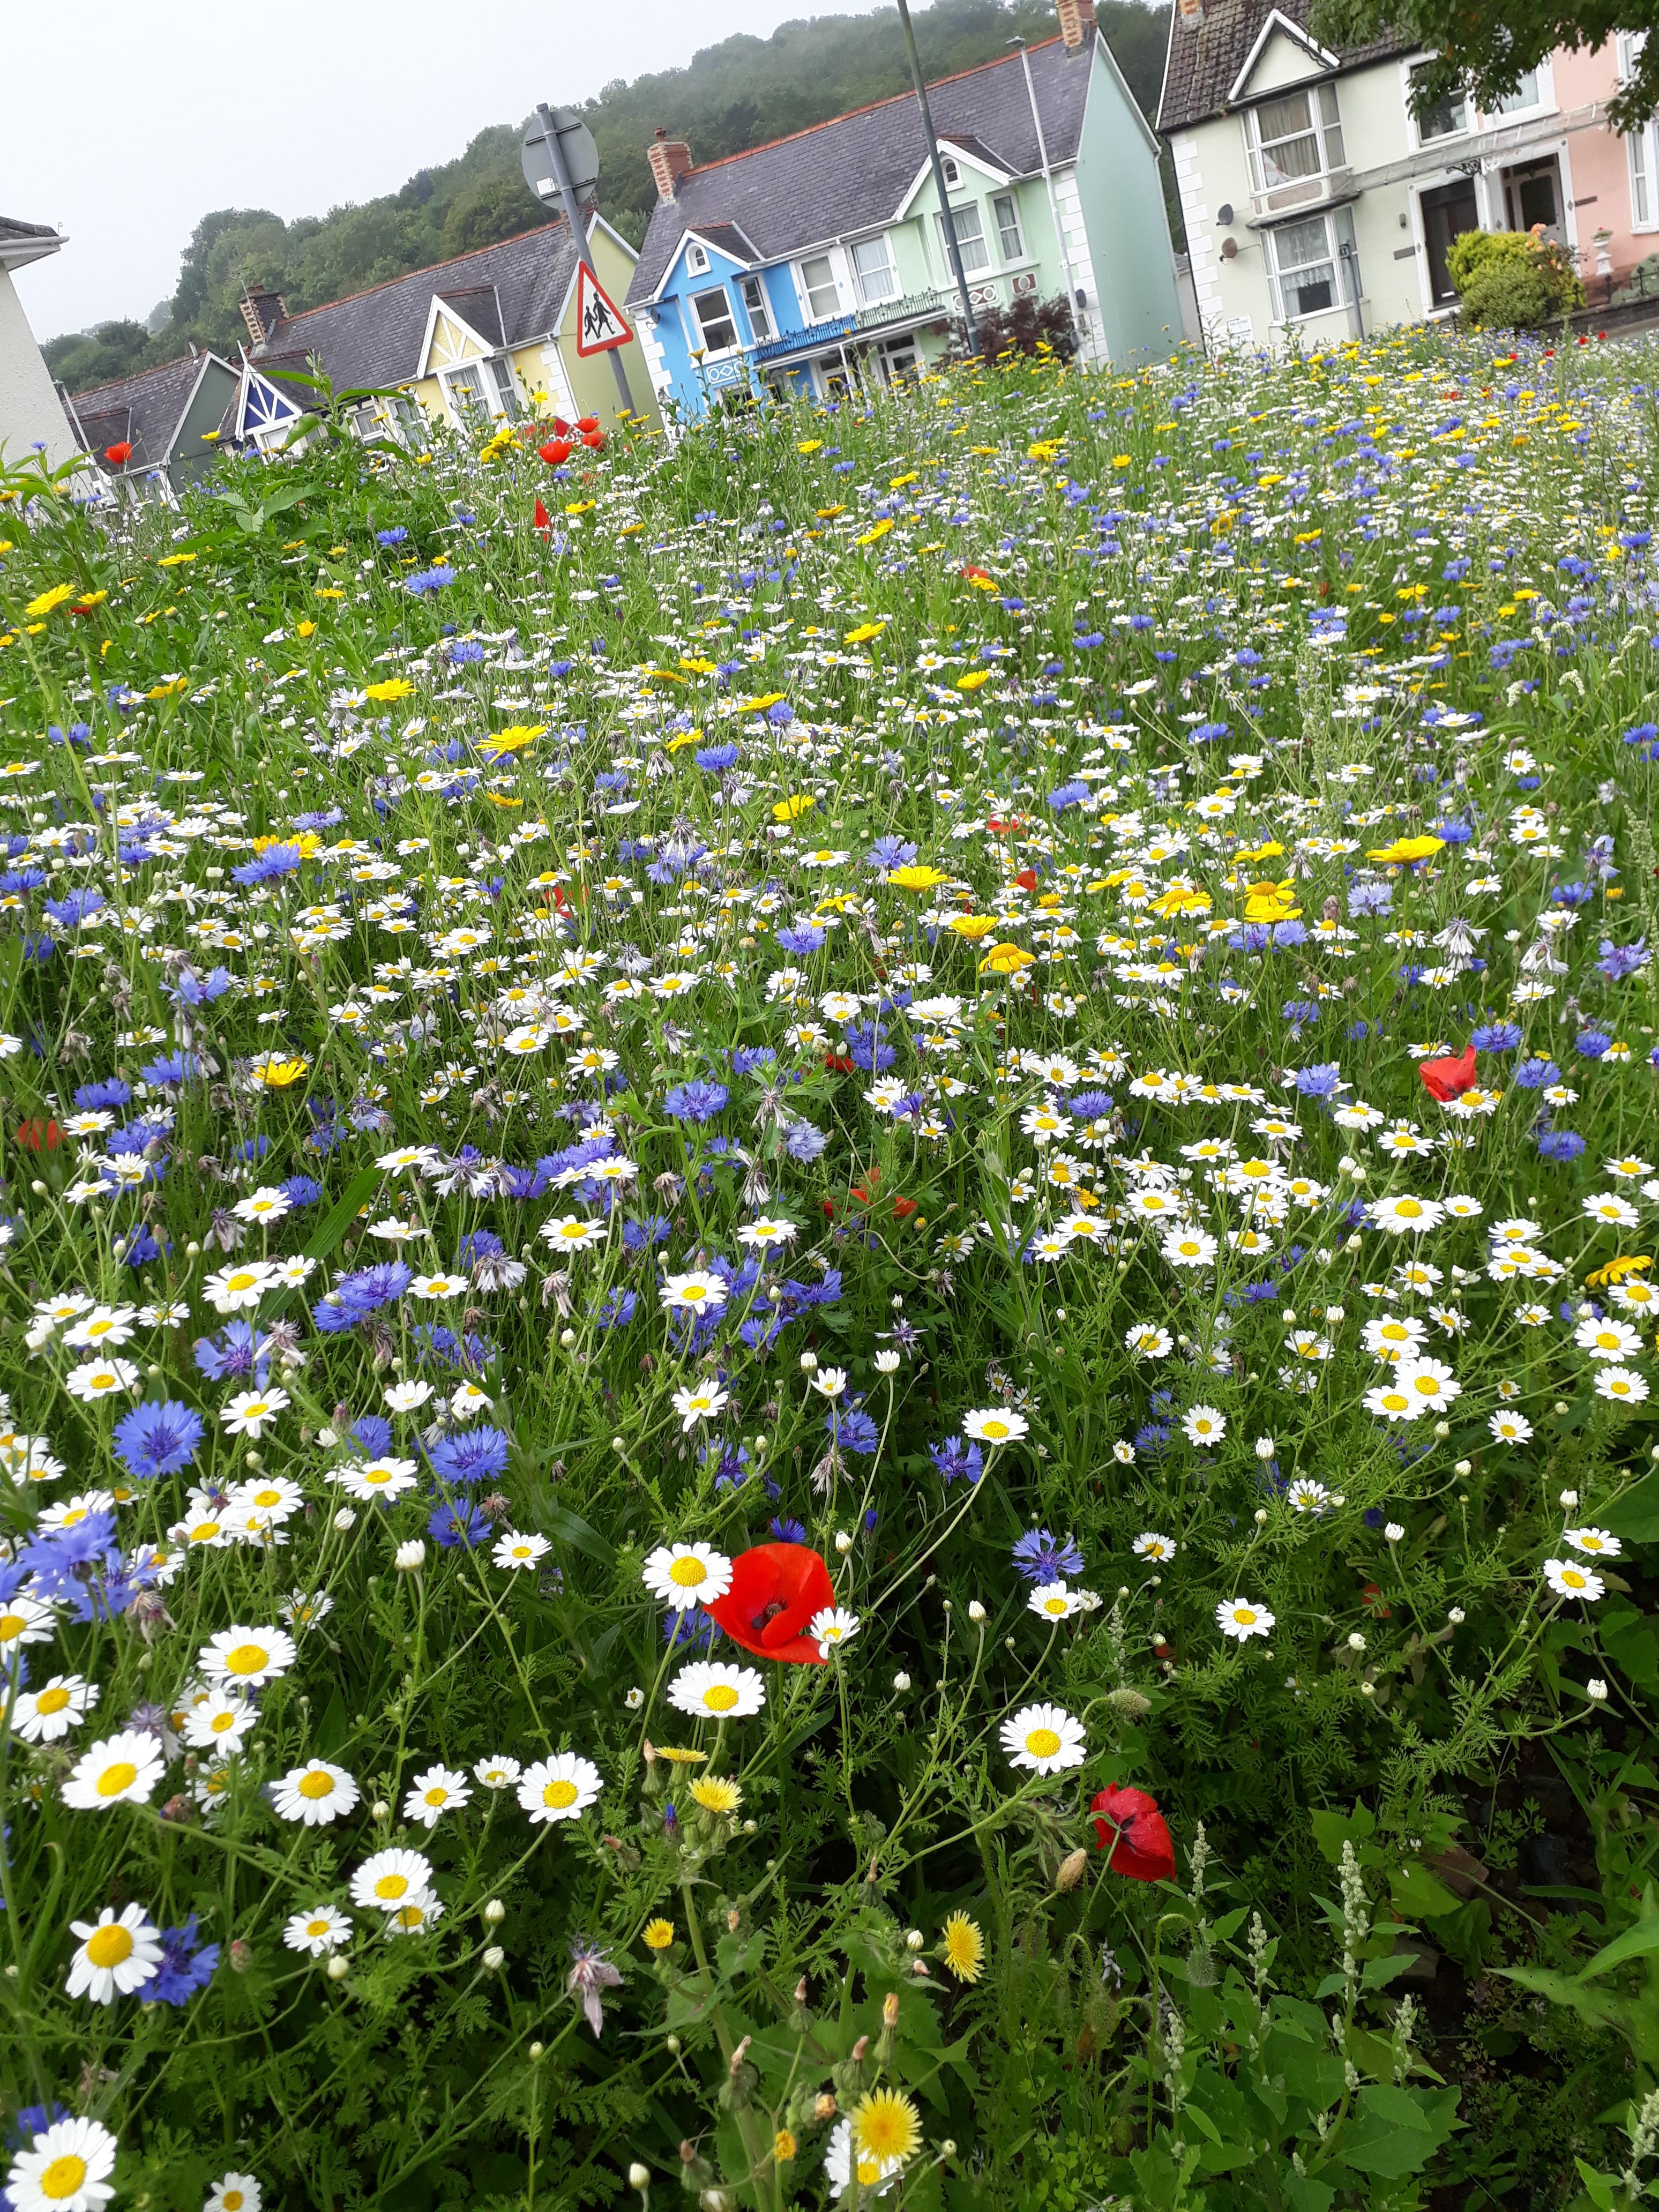 landworks-wildflowers-aberaeron-ceredigion